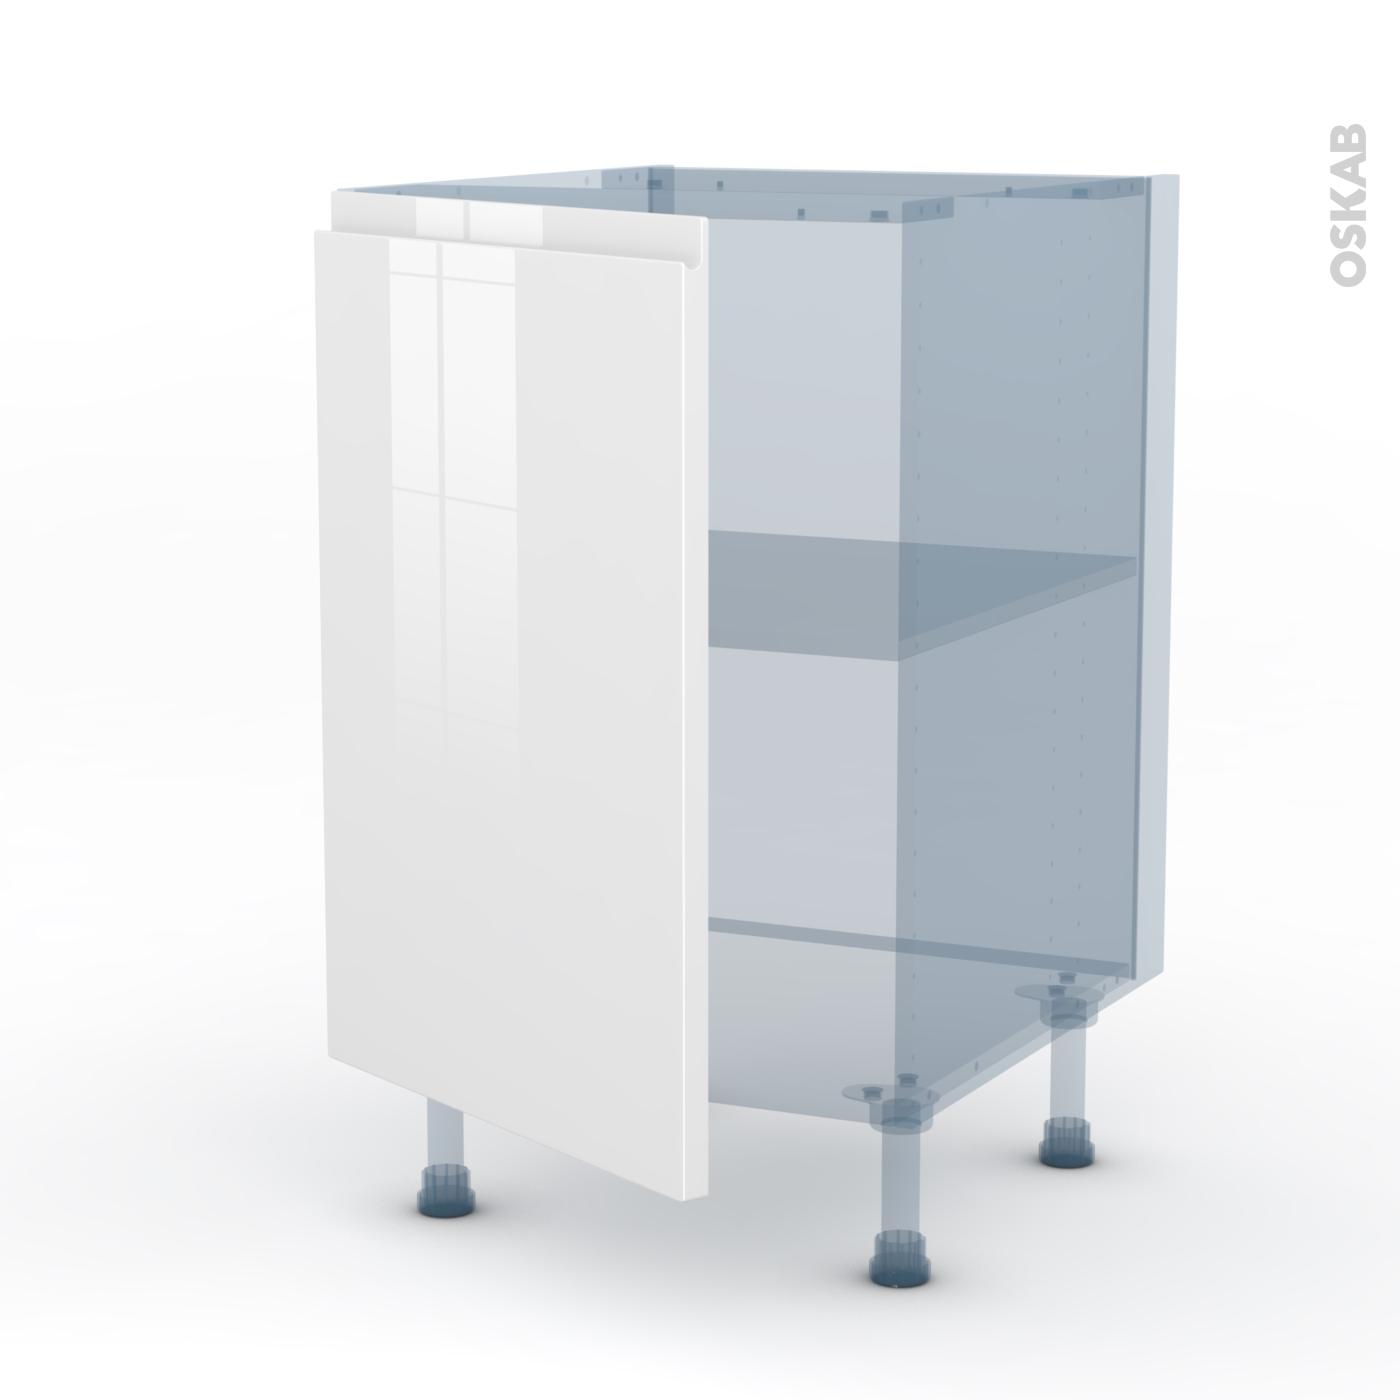 Meuble Sous Evier Ancien ipoma blanc brillant kit rénovation 18 meuble sous-évier , 1 porte,  l50xh70xp60